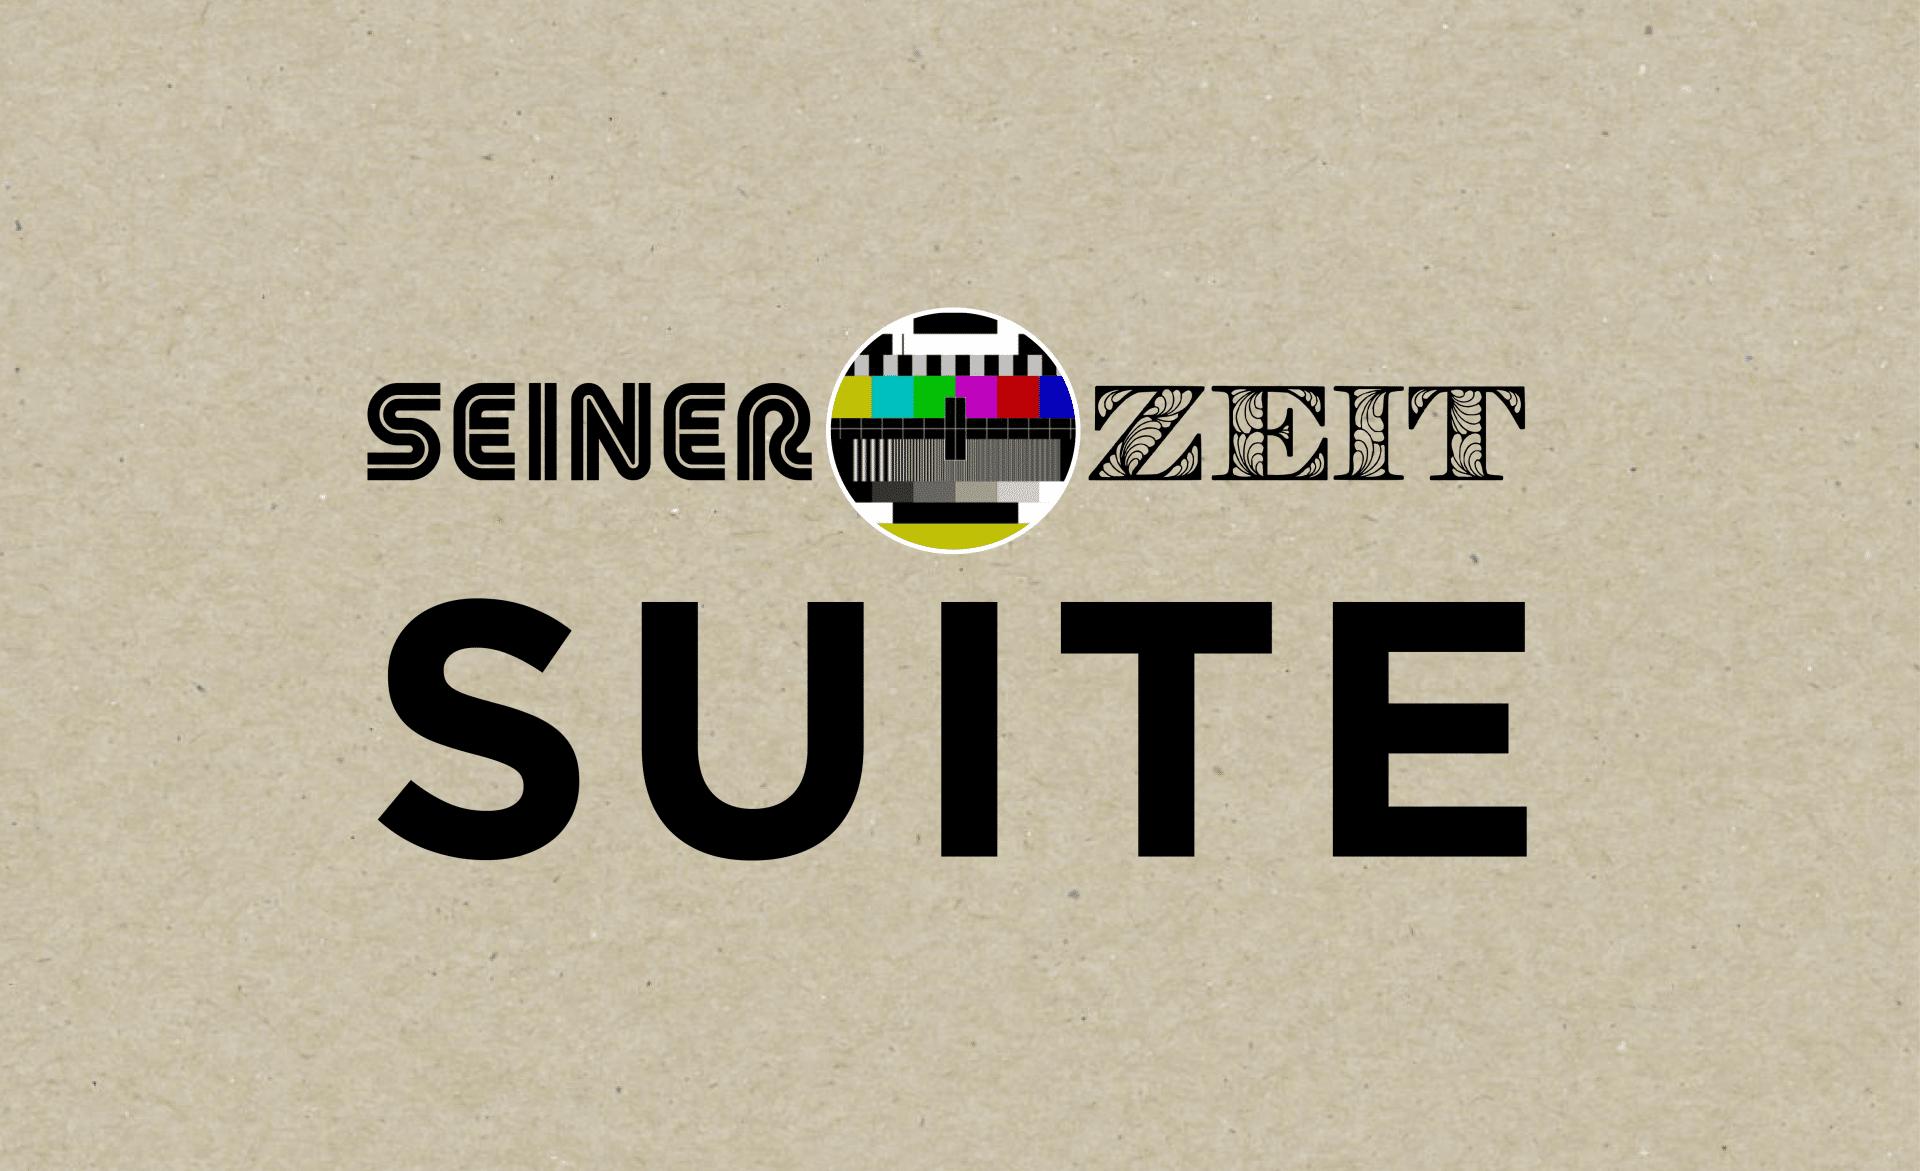 Logo Seinerzeit Suite in der Wasnerin